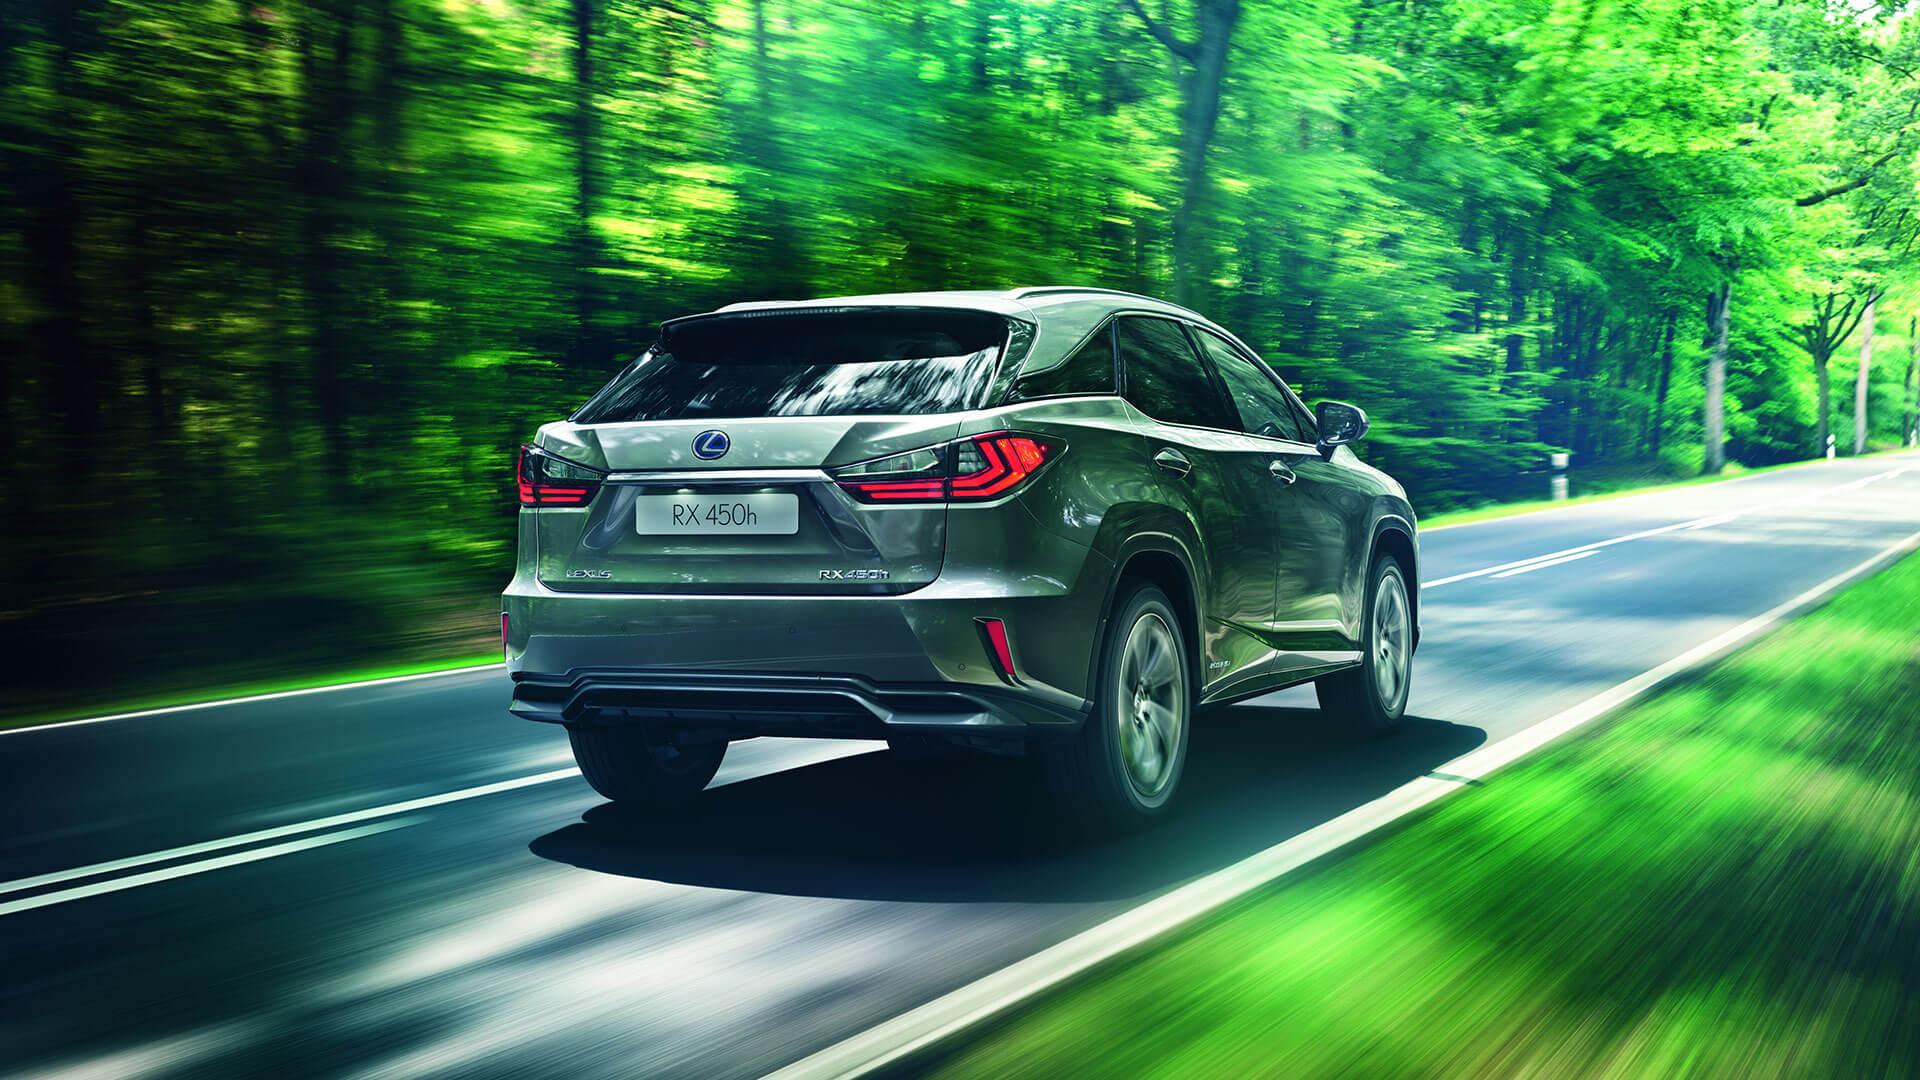 Bekijk De Voordelen Van Lexus Hybrid Drive Lexus Nl